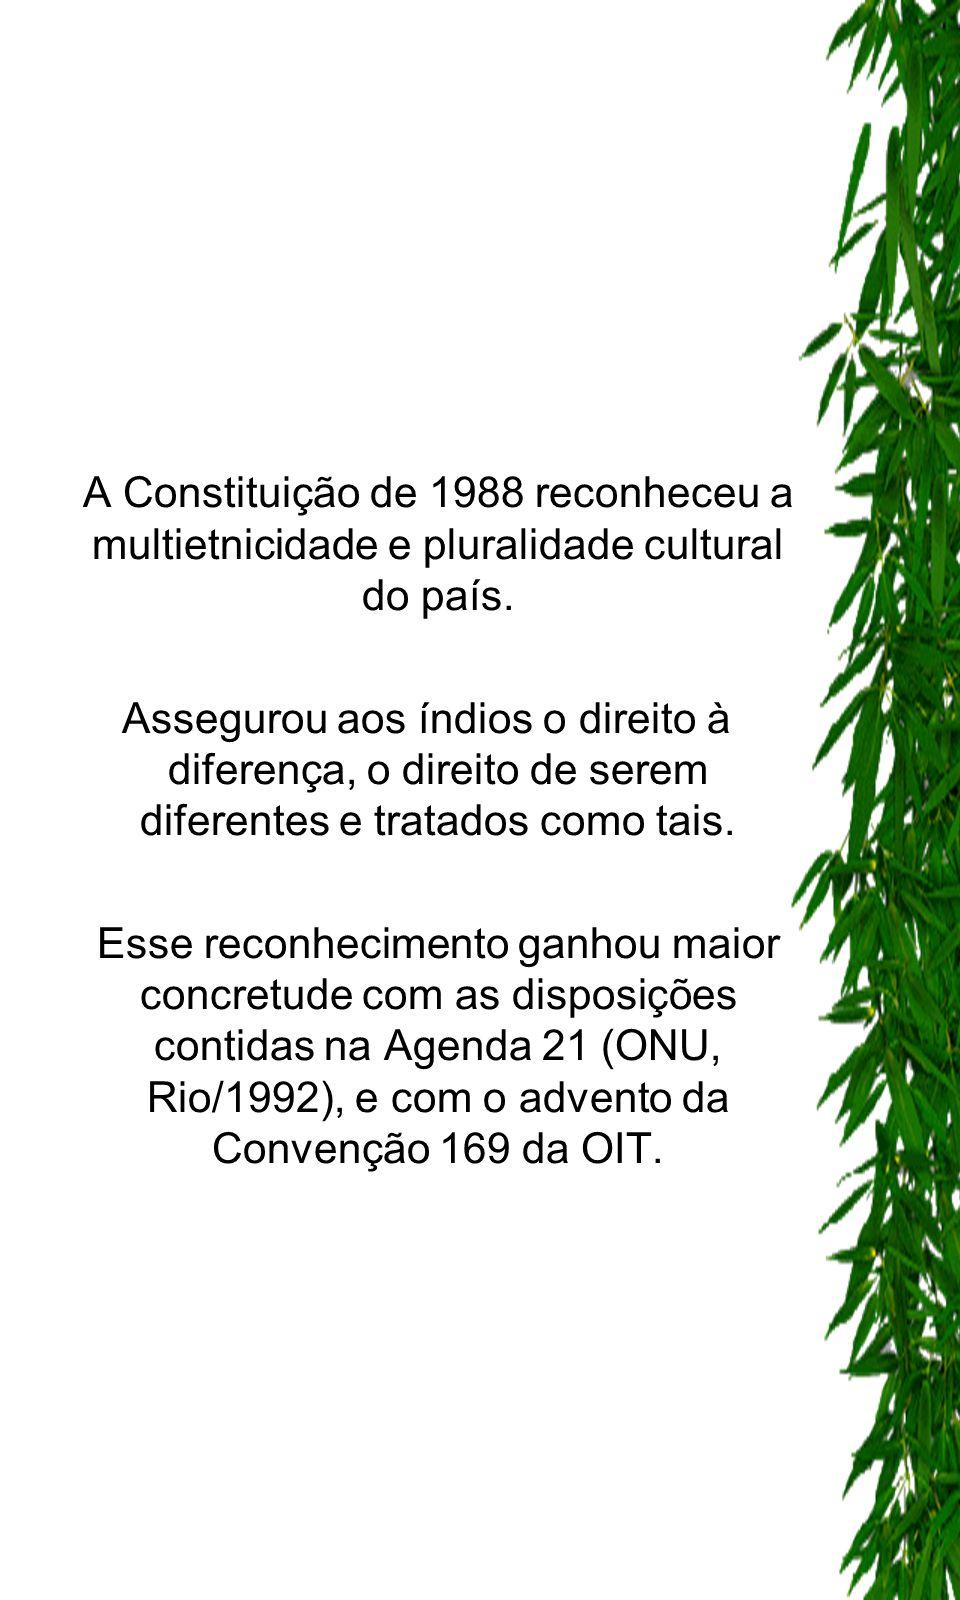 A Constituição de 1988 reconheceu a multietnicidade e pluralidade cultural do país.